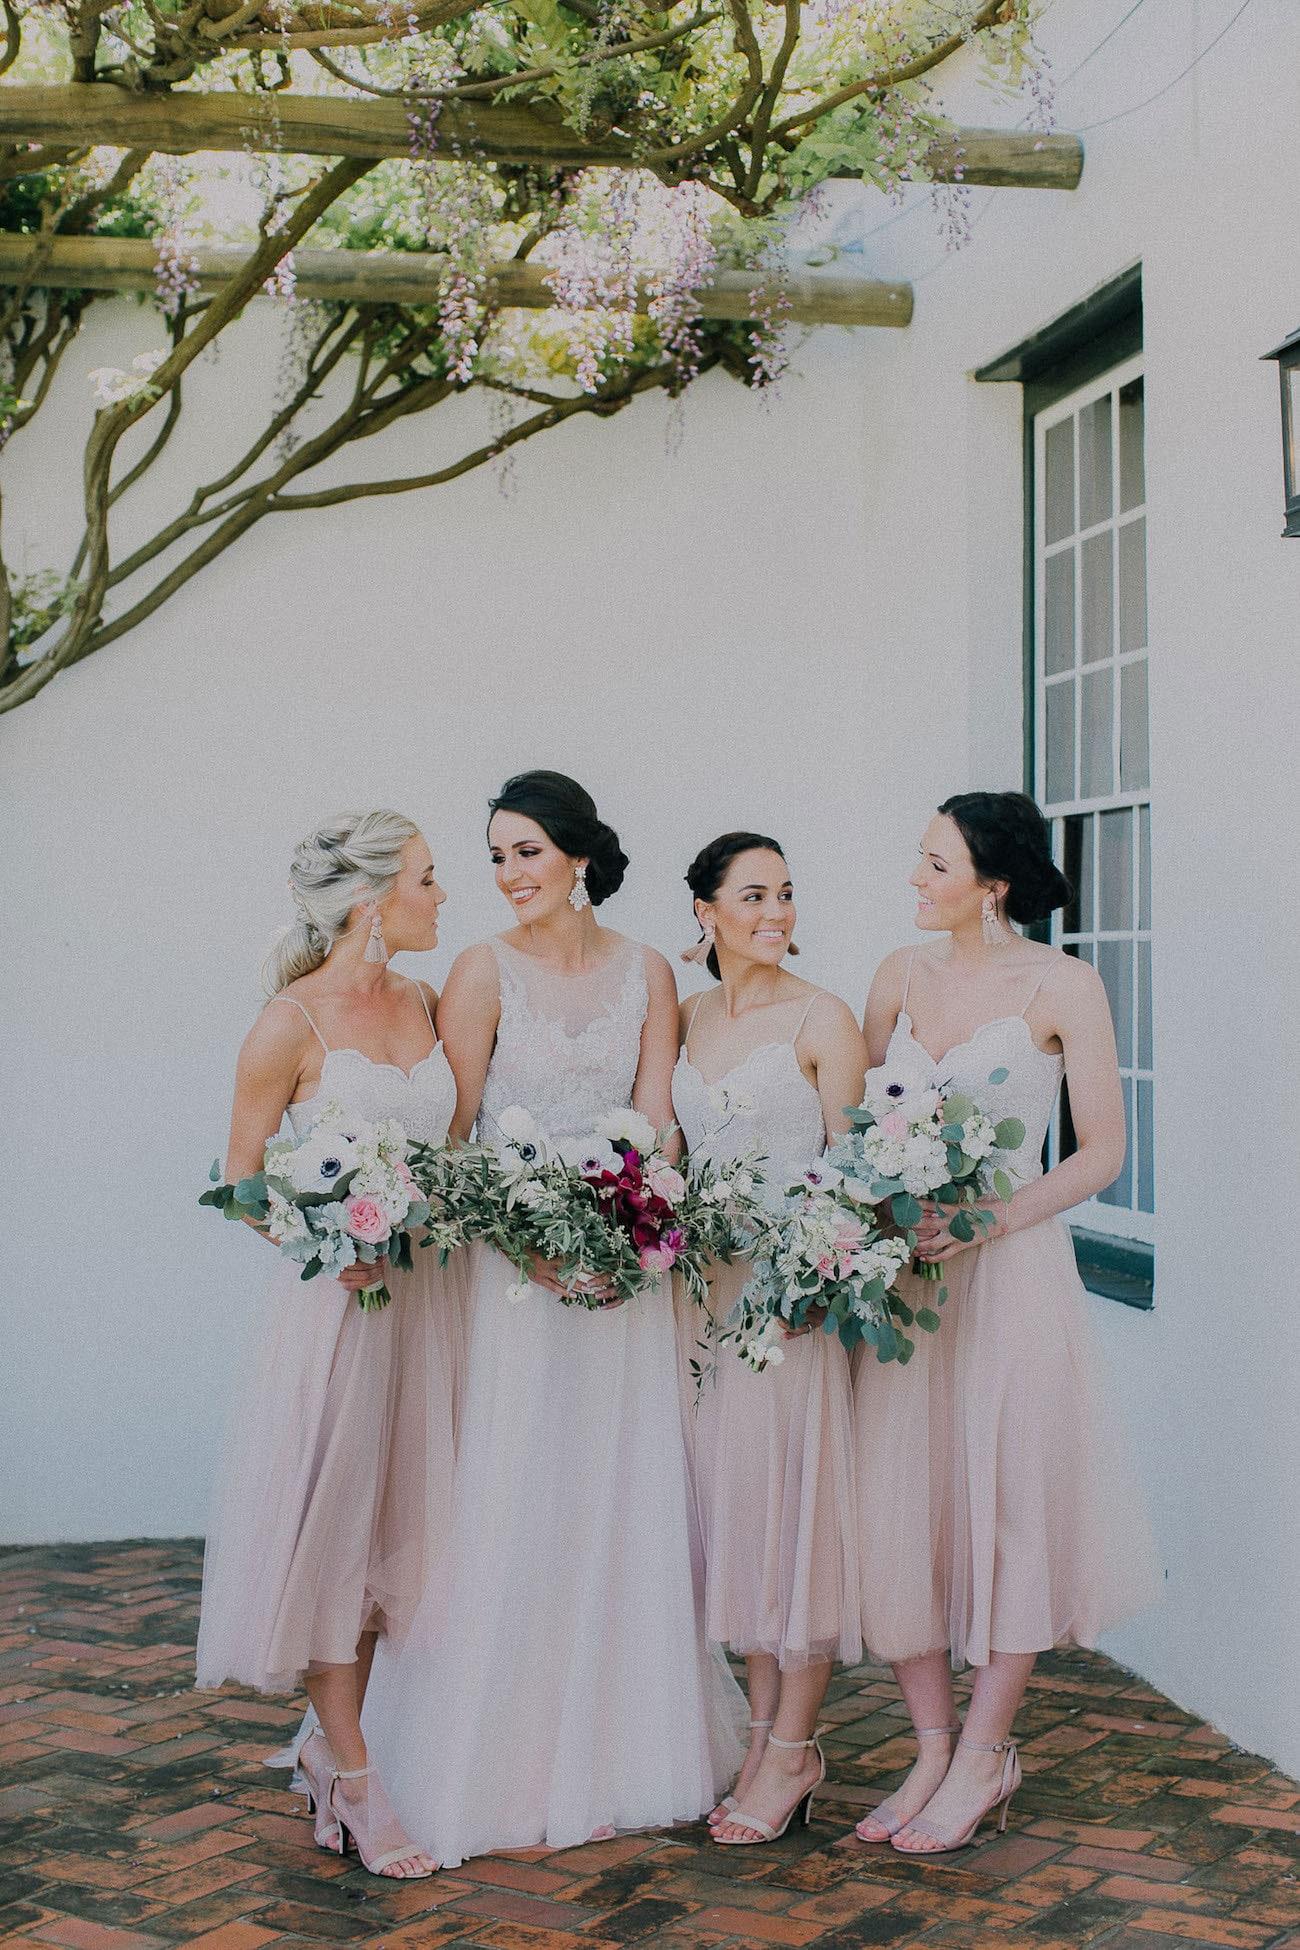 Bridesmaids in Blush Tulle Tea Length Dresses | Image: Michelle du Toit